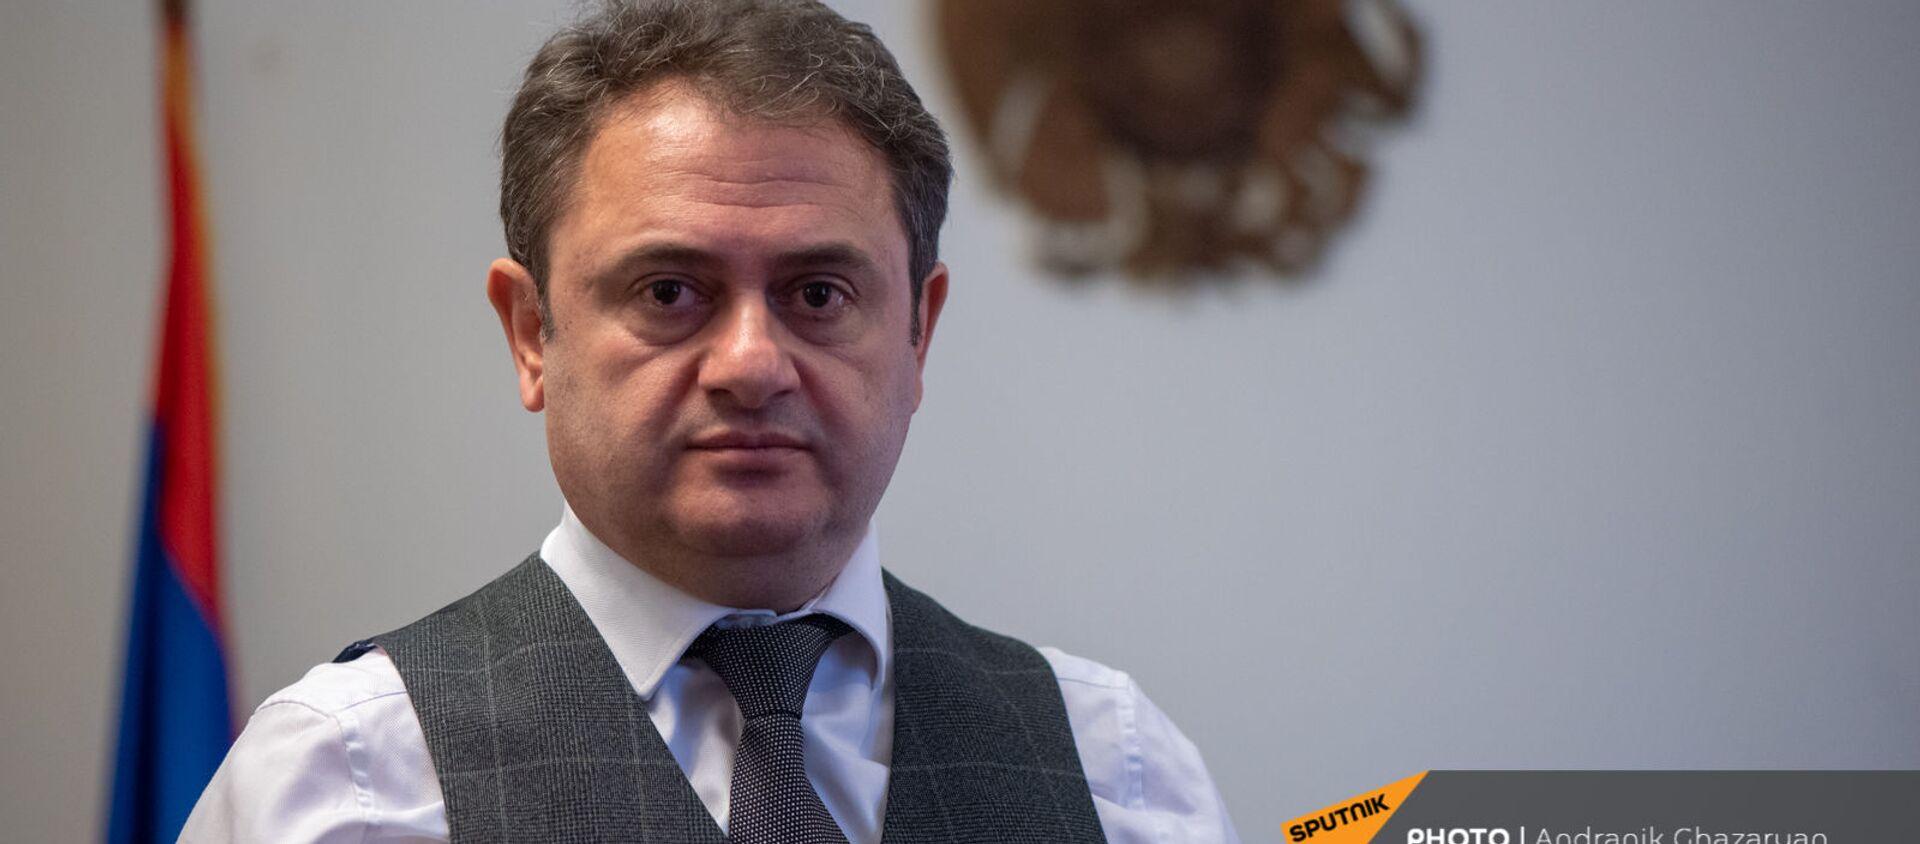 Губернатор Тавушской области Айк Чобанян во время интервью Sputnik Армения - Sputnik Արմենիա, 1920, 11.03.2021